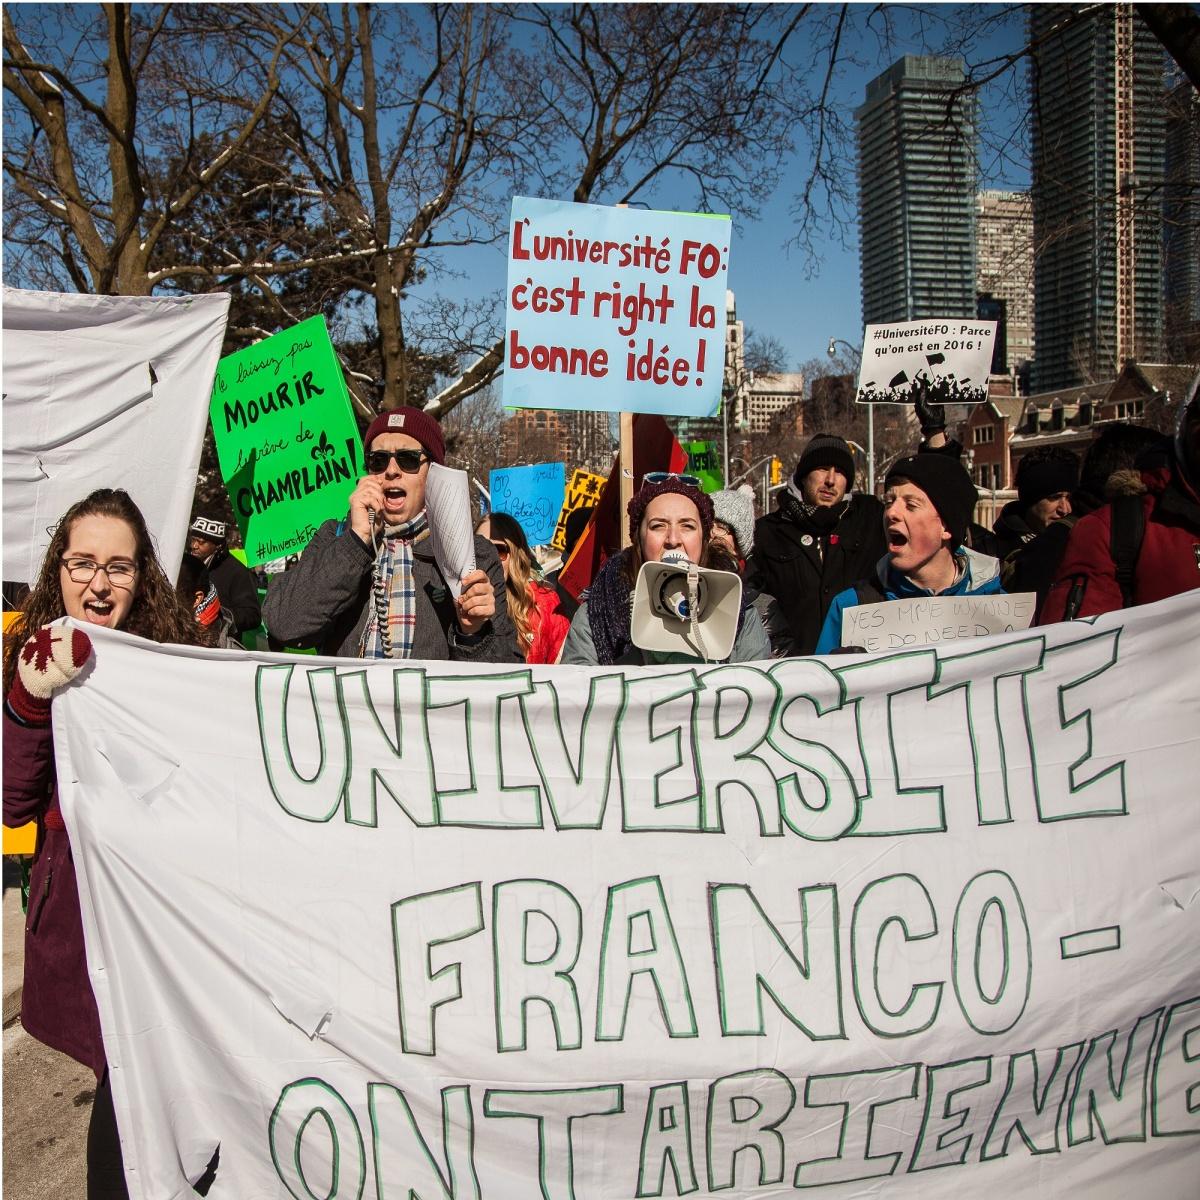 Pourquoi cherche-t-on la création d'une université francophone en Ontario? Une entrevue avec Alain Dupuis - Luc Léger